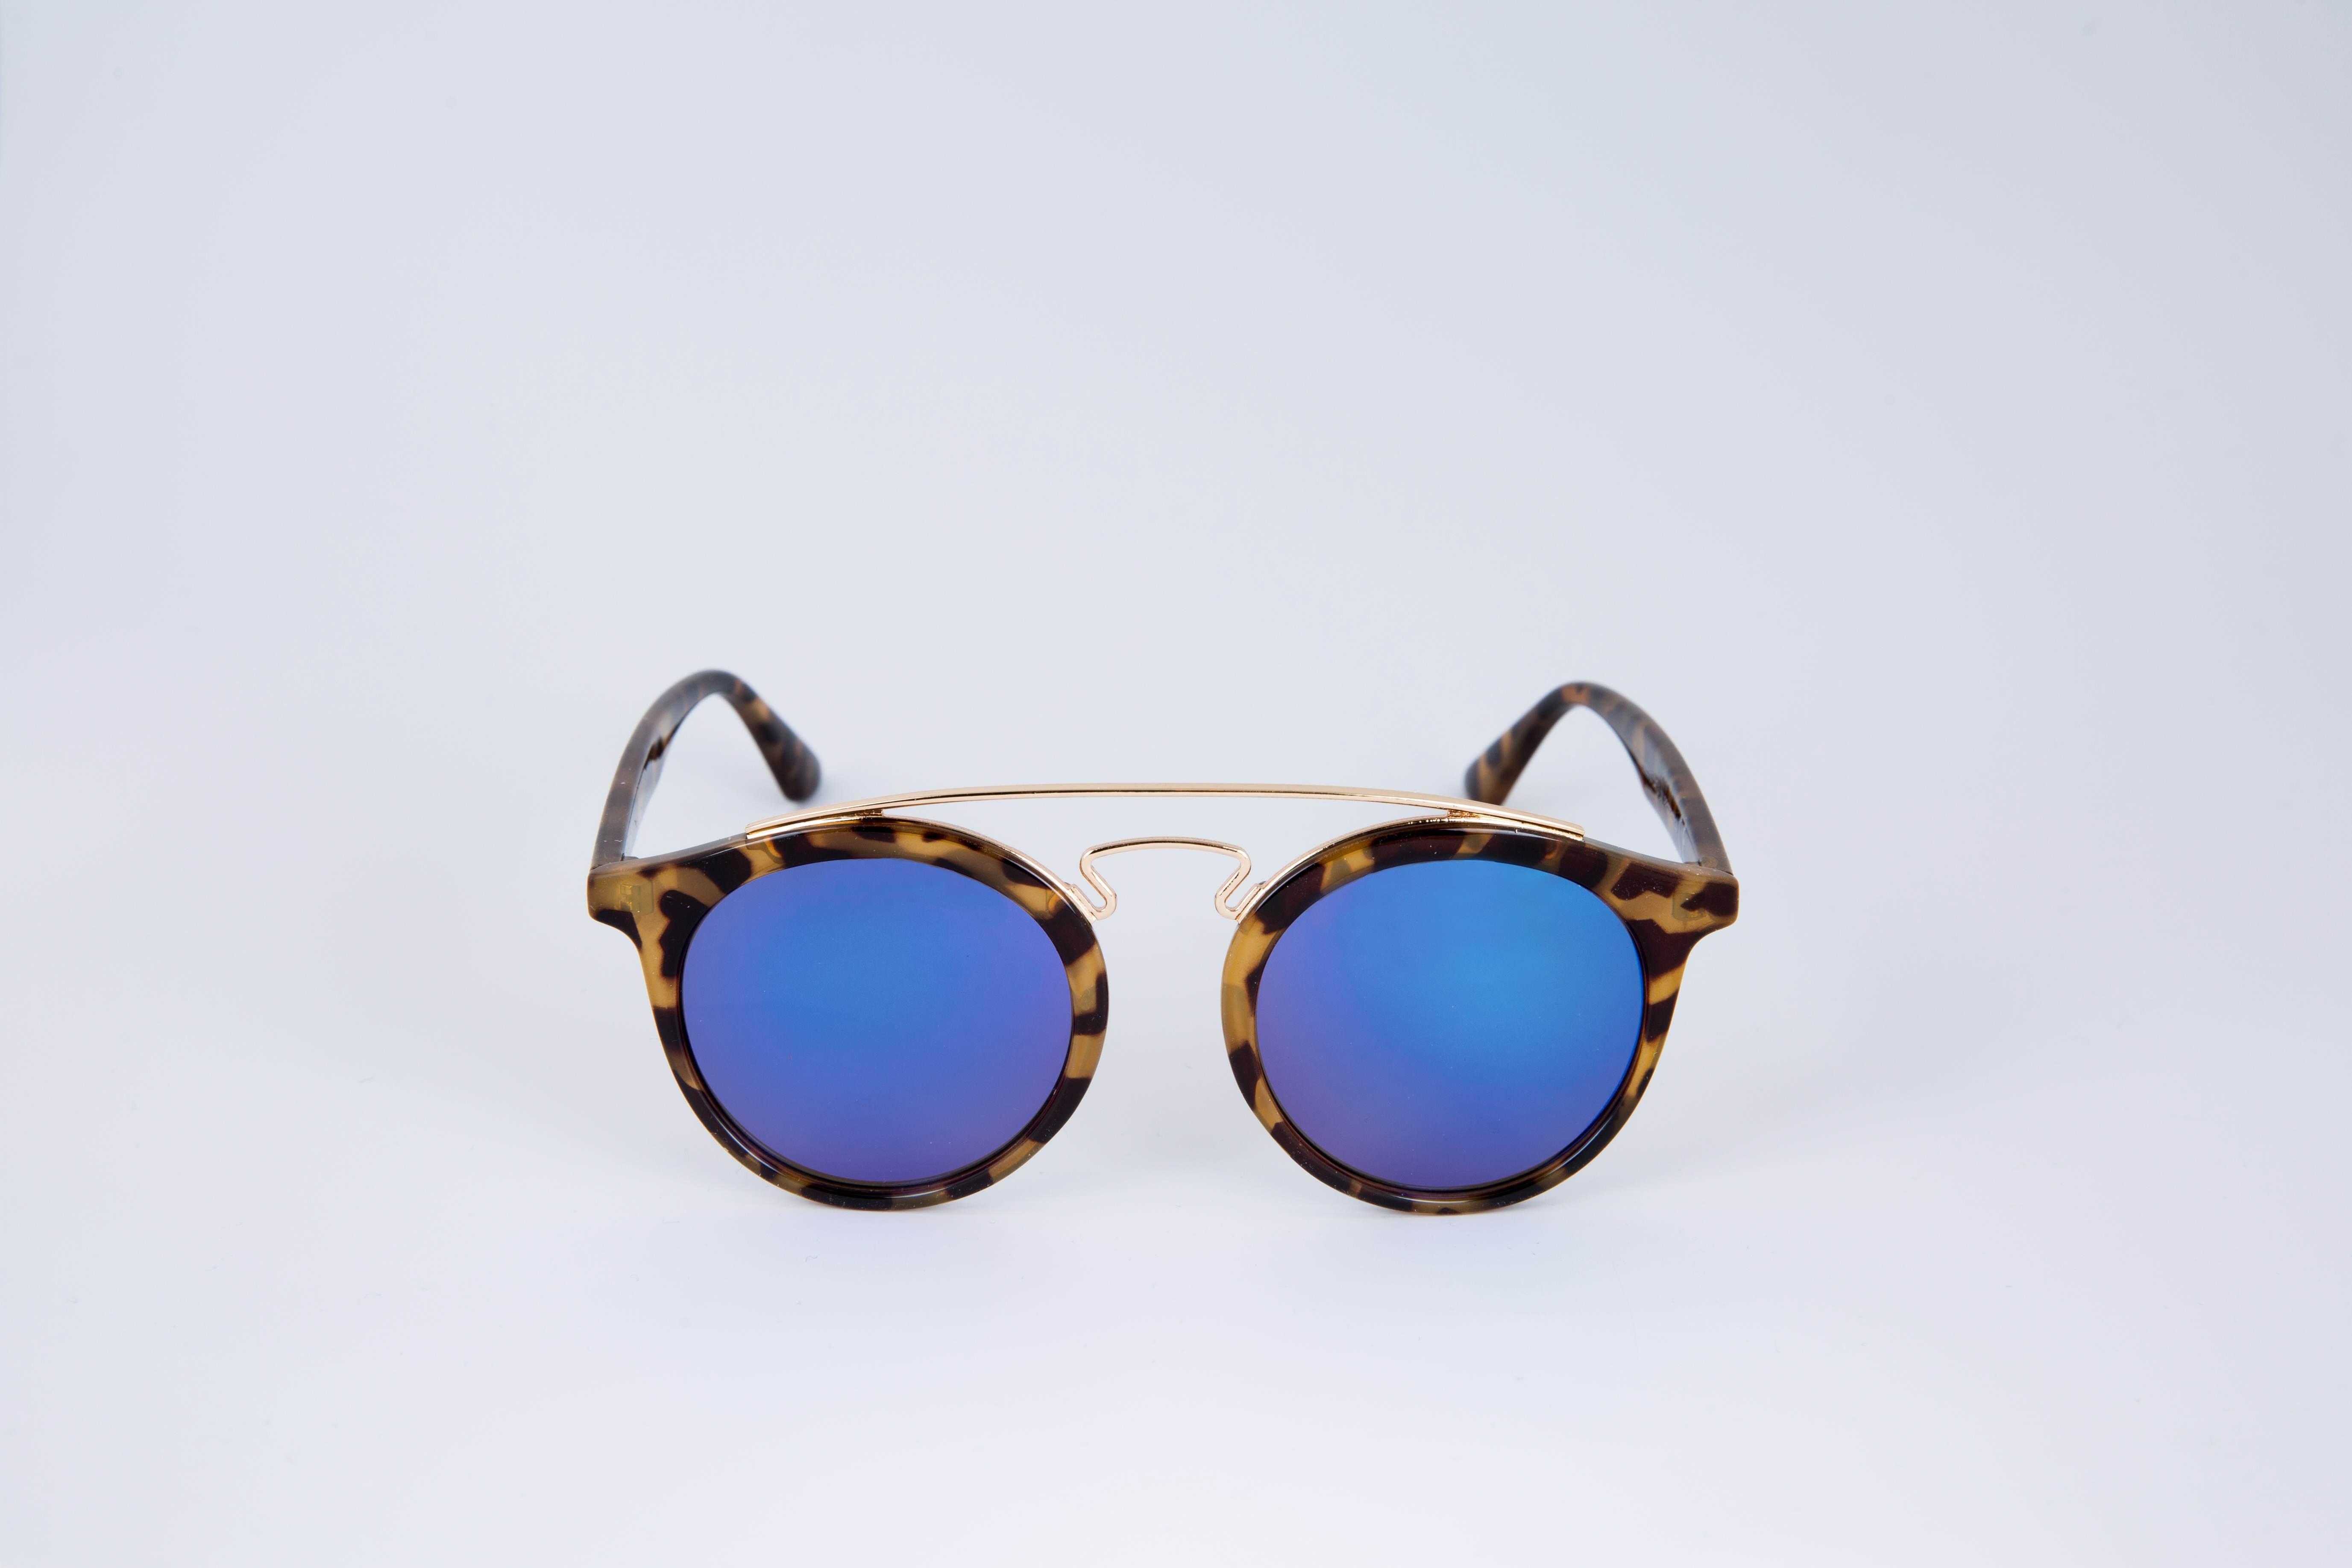 lunette de soleil homme femme accessoire ecaille marron double barre m tal dor. Black Bedroom Furniture Sets. Home Design Ideas